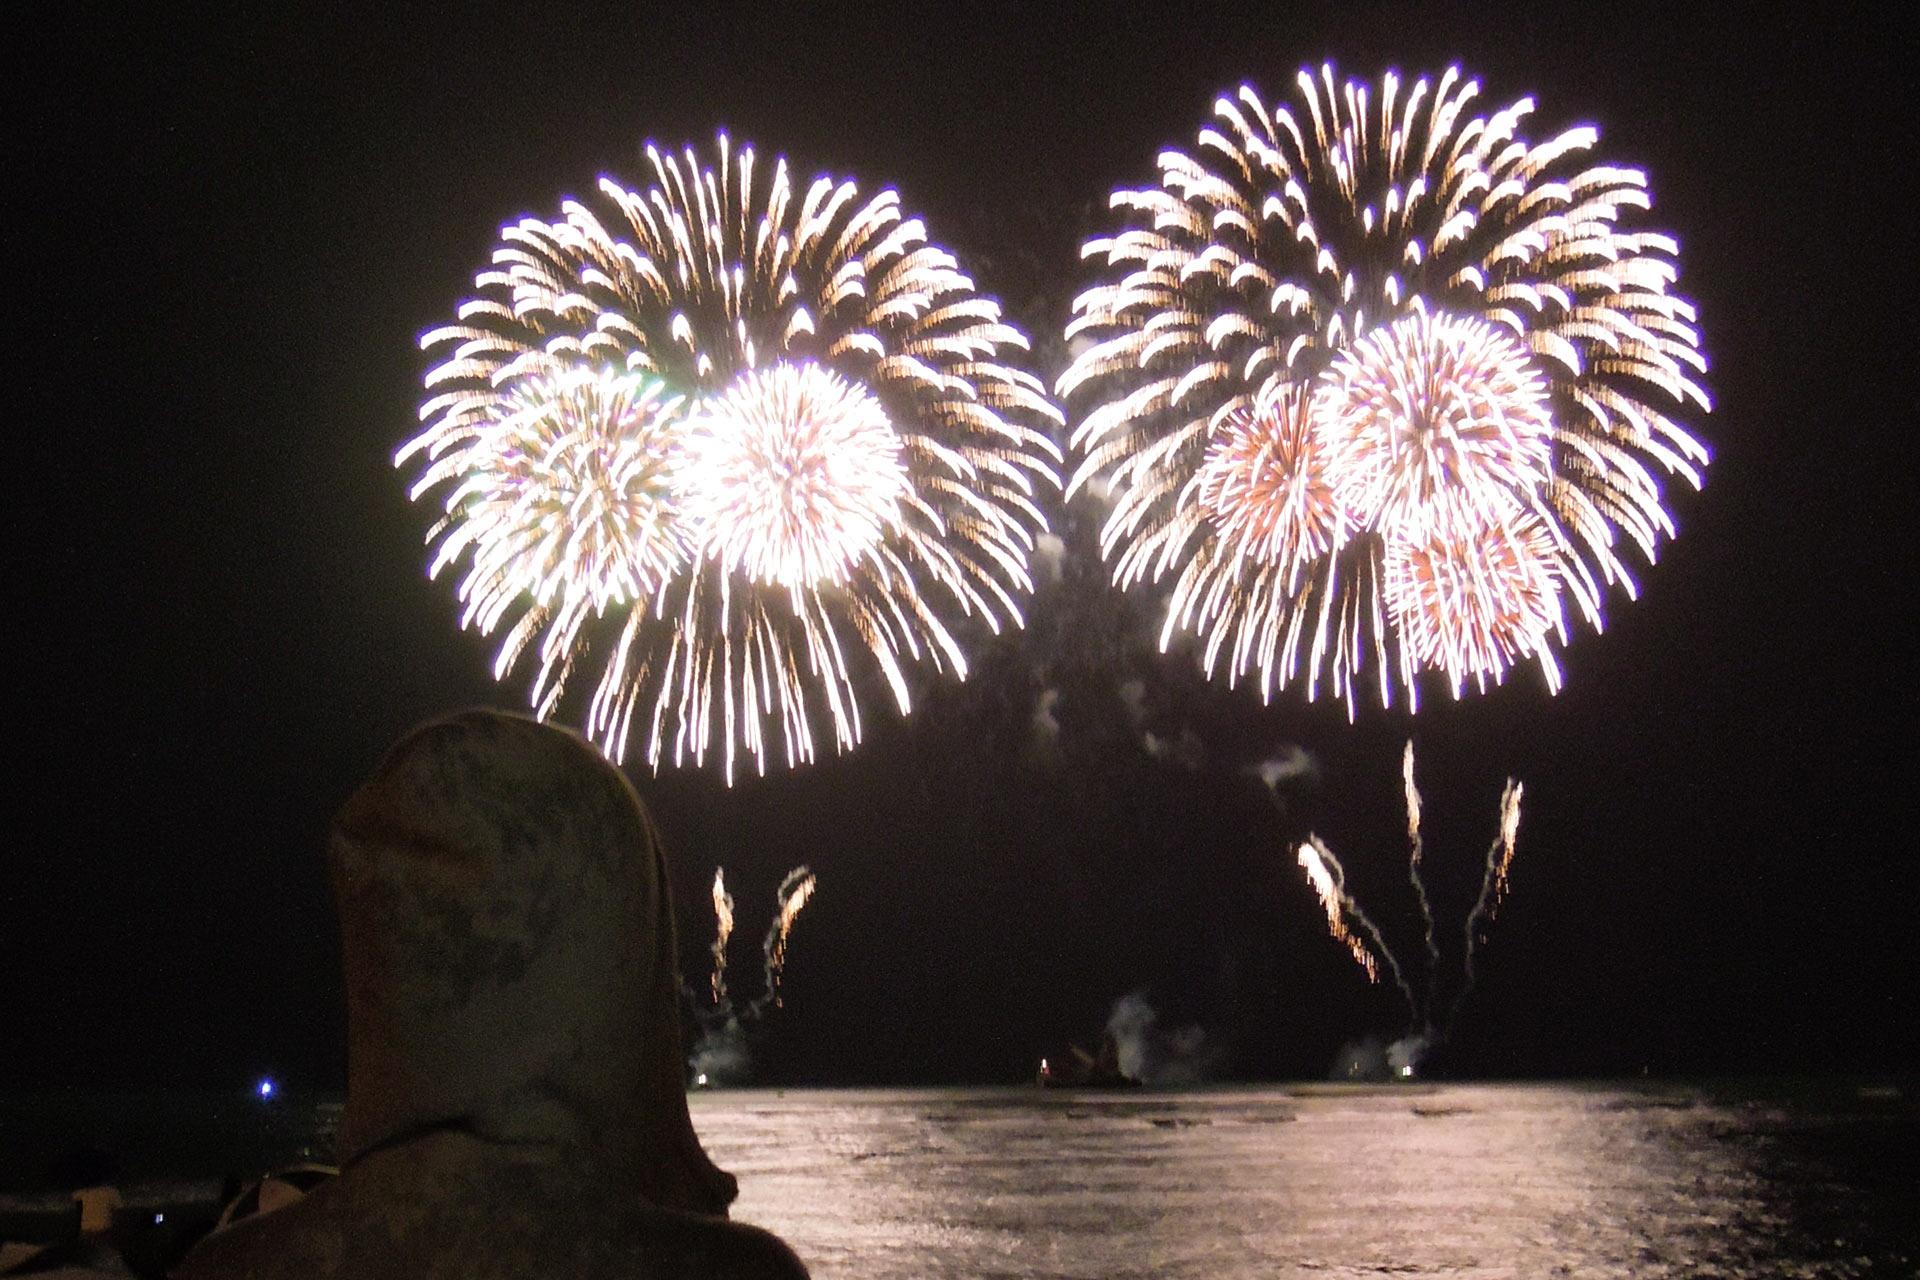 ワイキキビーチから見る長岡花火